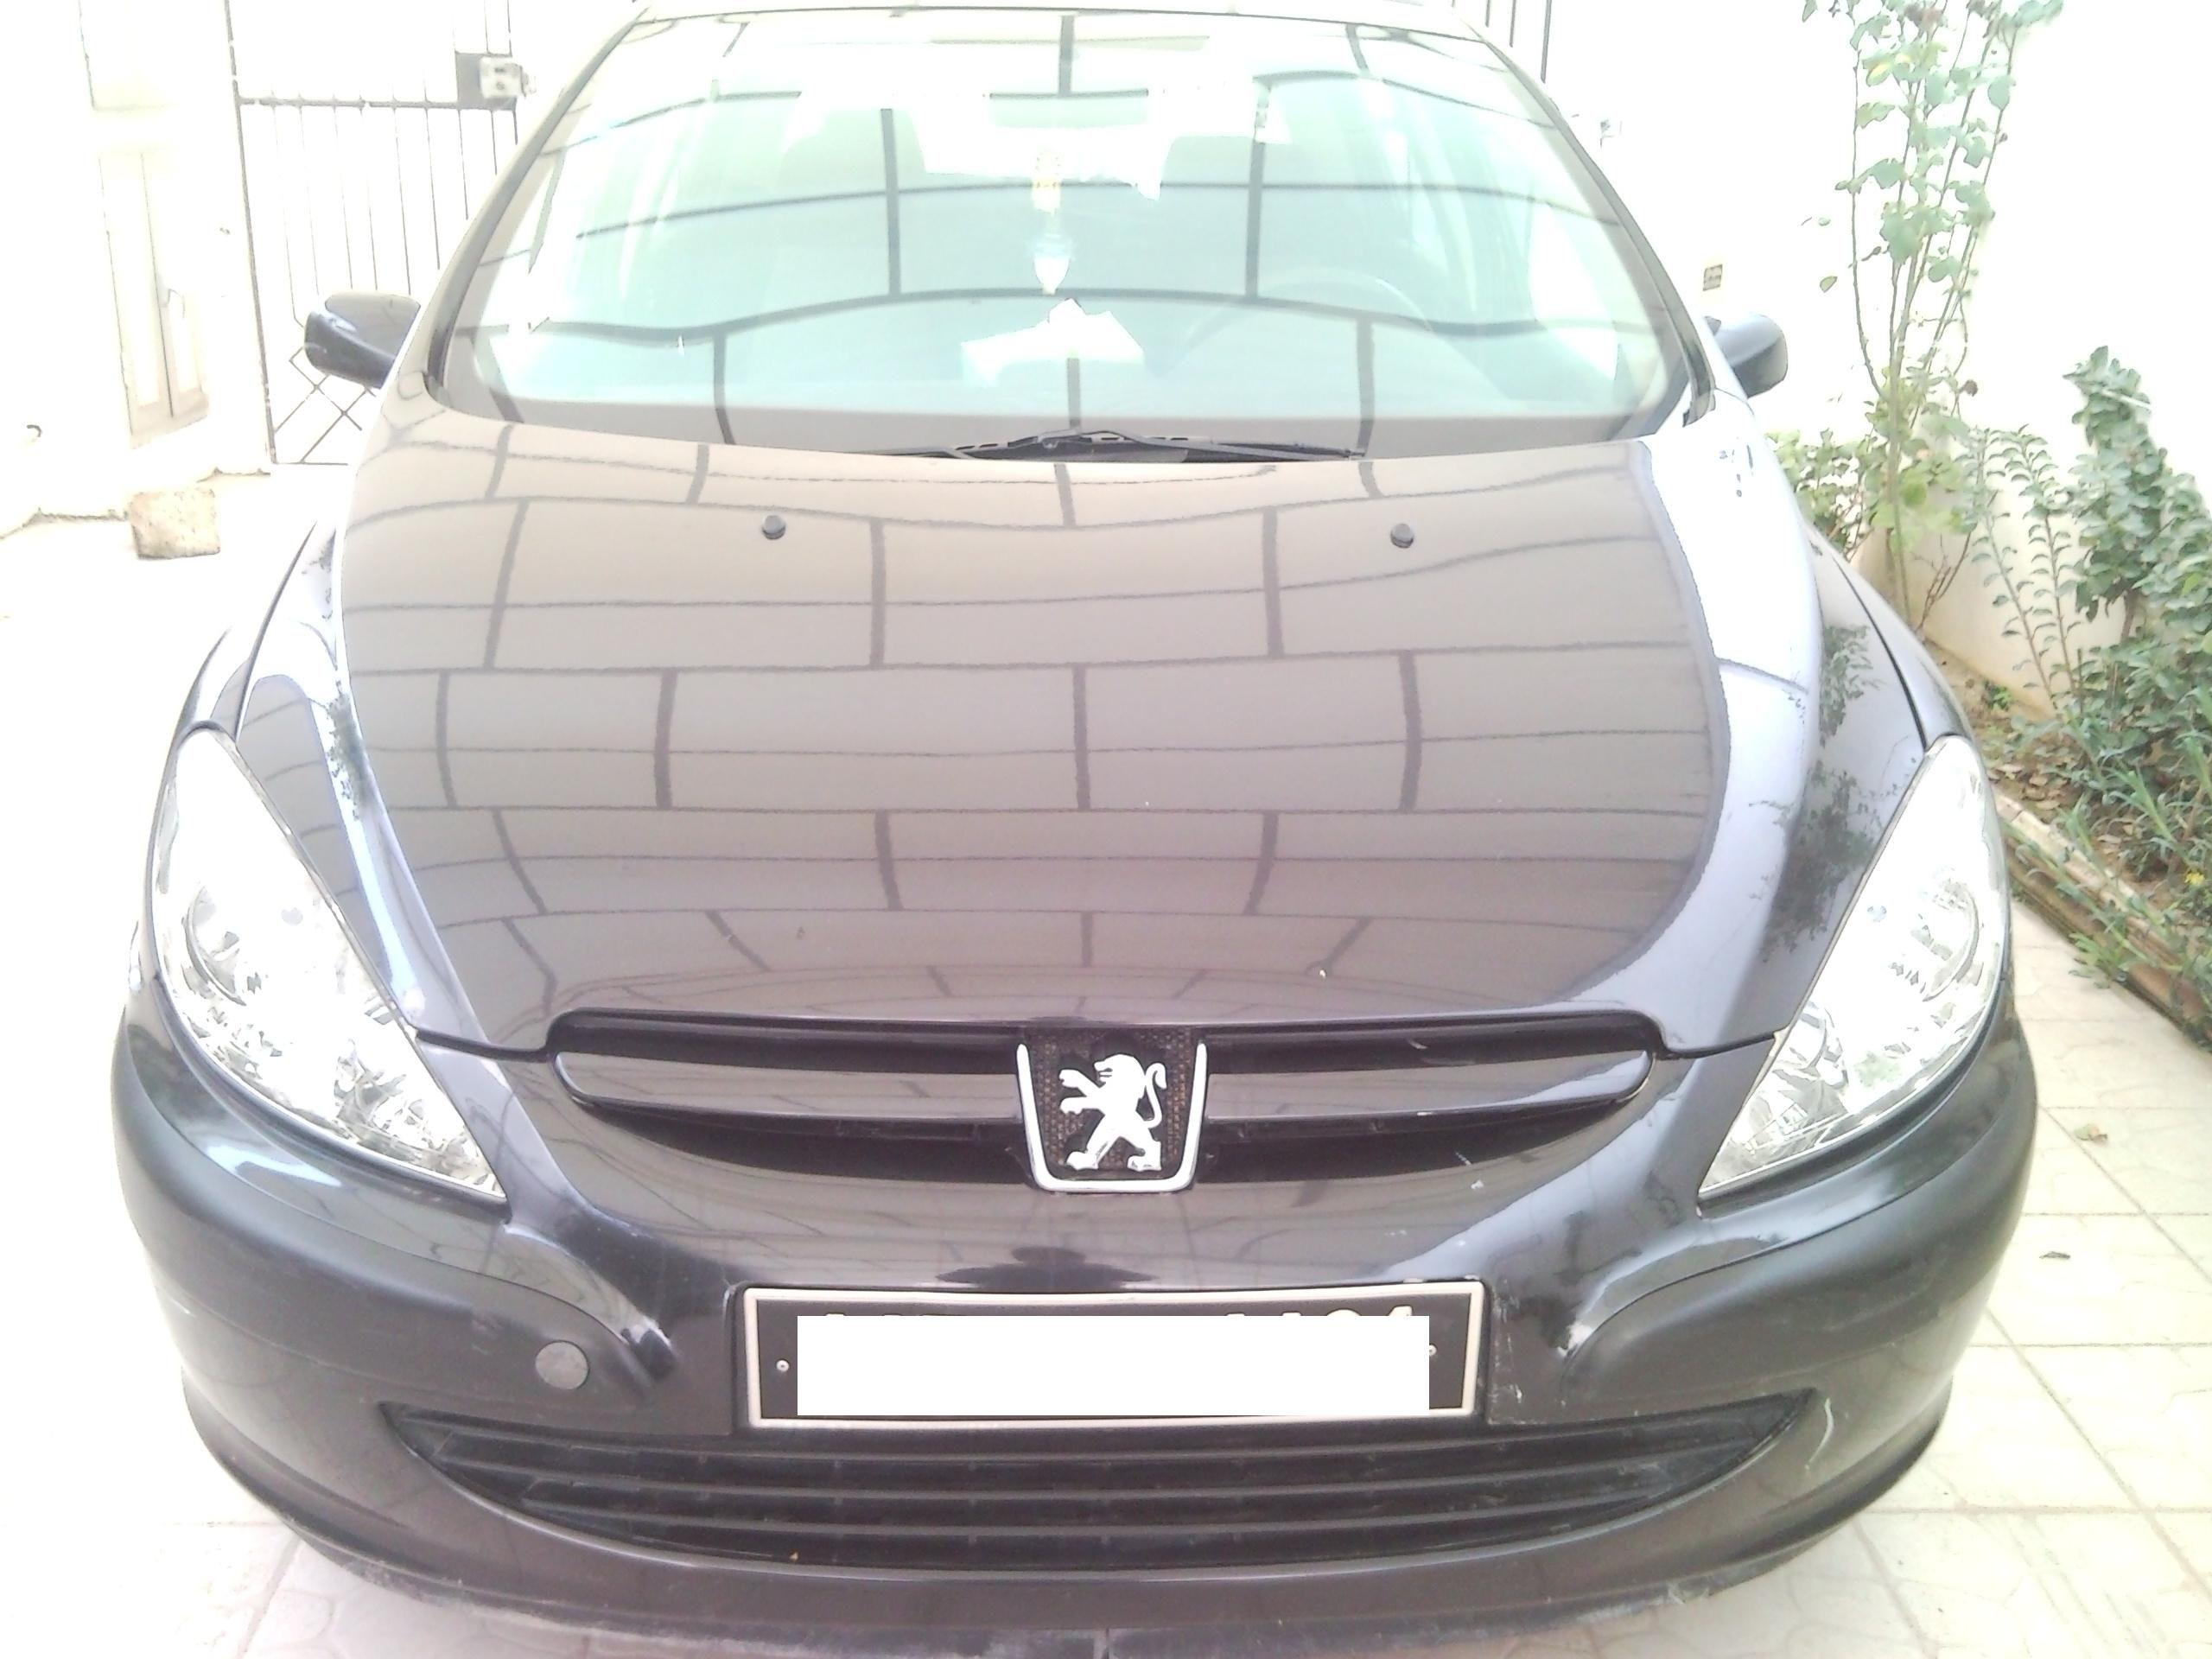 Annonce De Vente De Voiture Occasion En Tunisie Peugeot 307 Ariana Car Vehicles